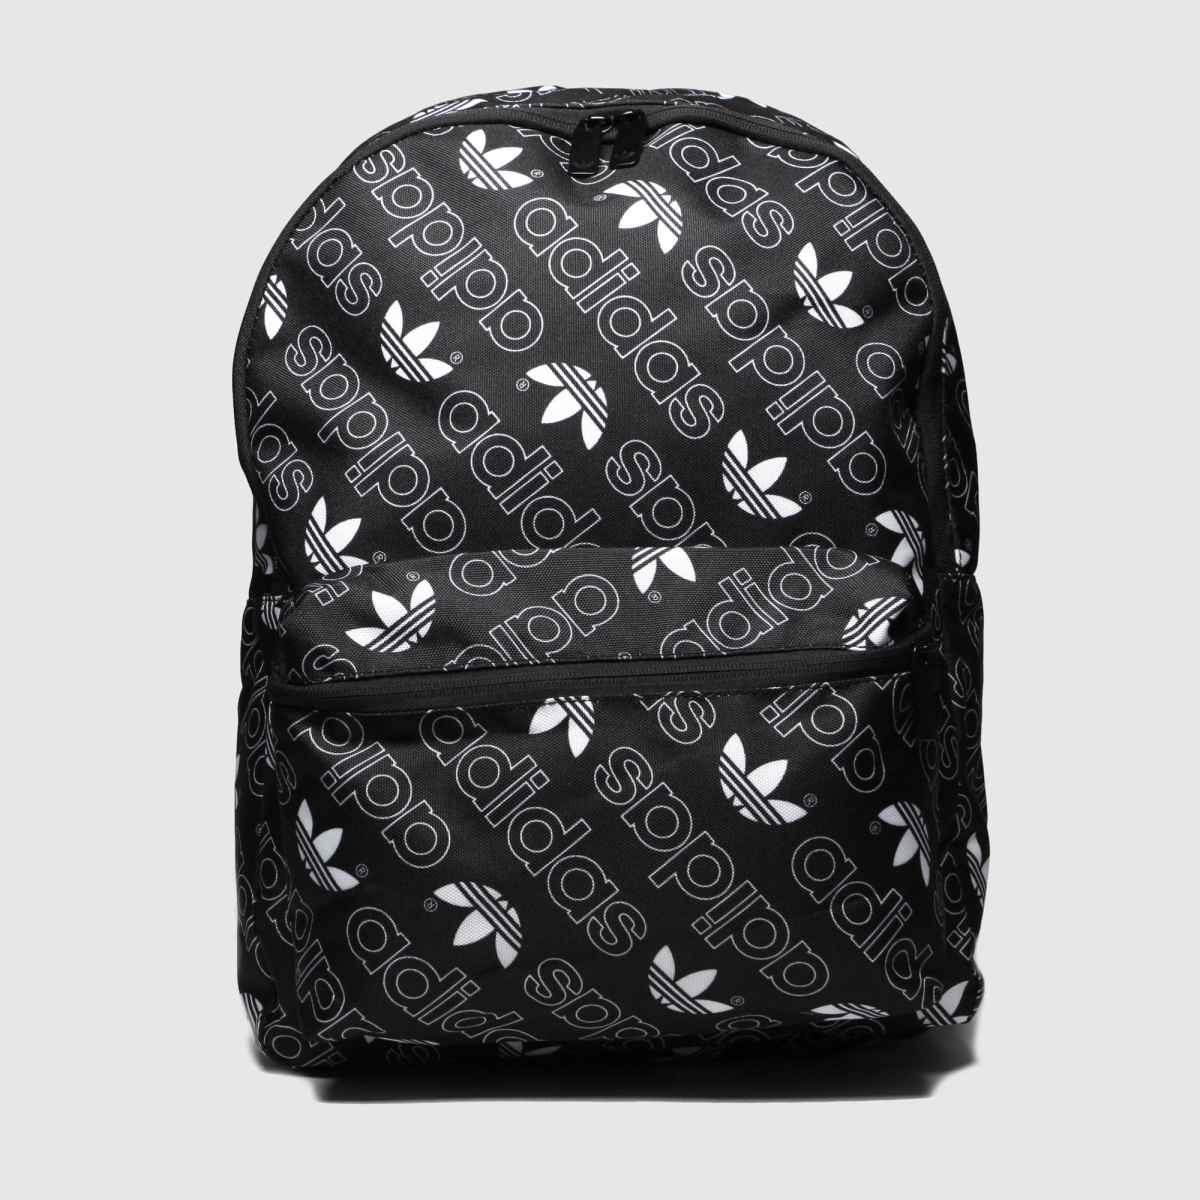 Image of Adidas Black & White Monogram Classic Backpack